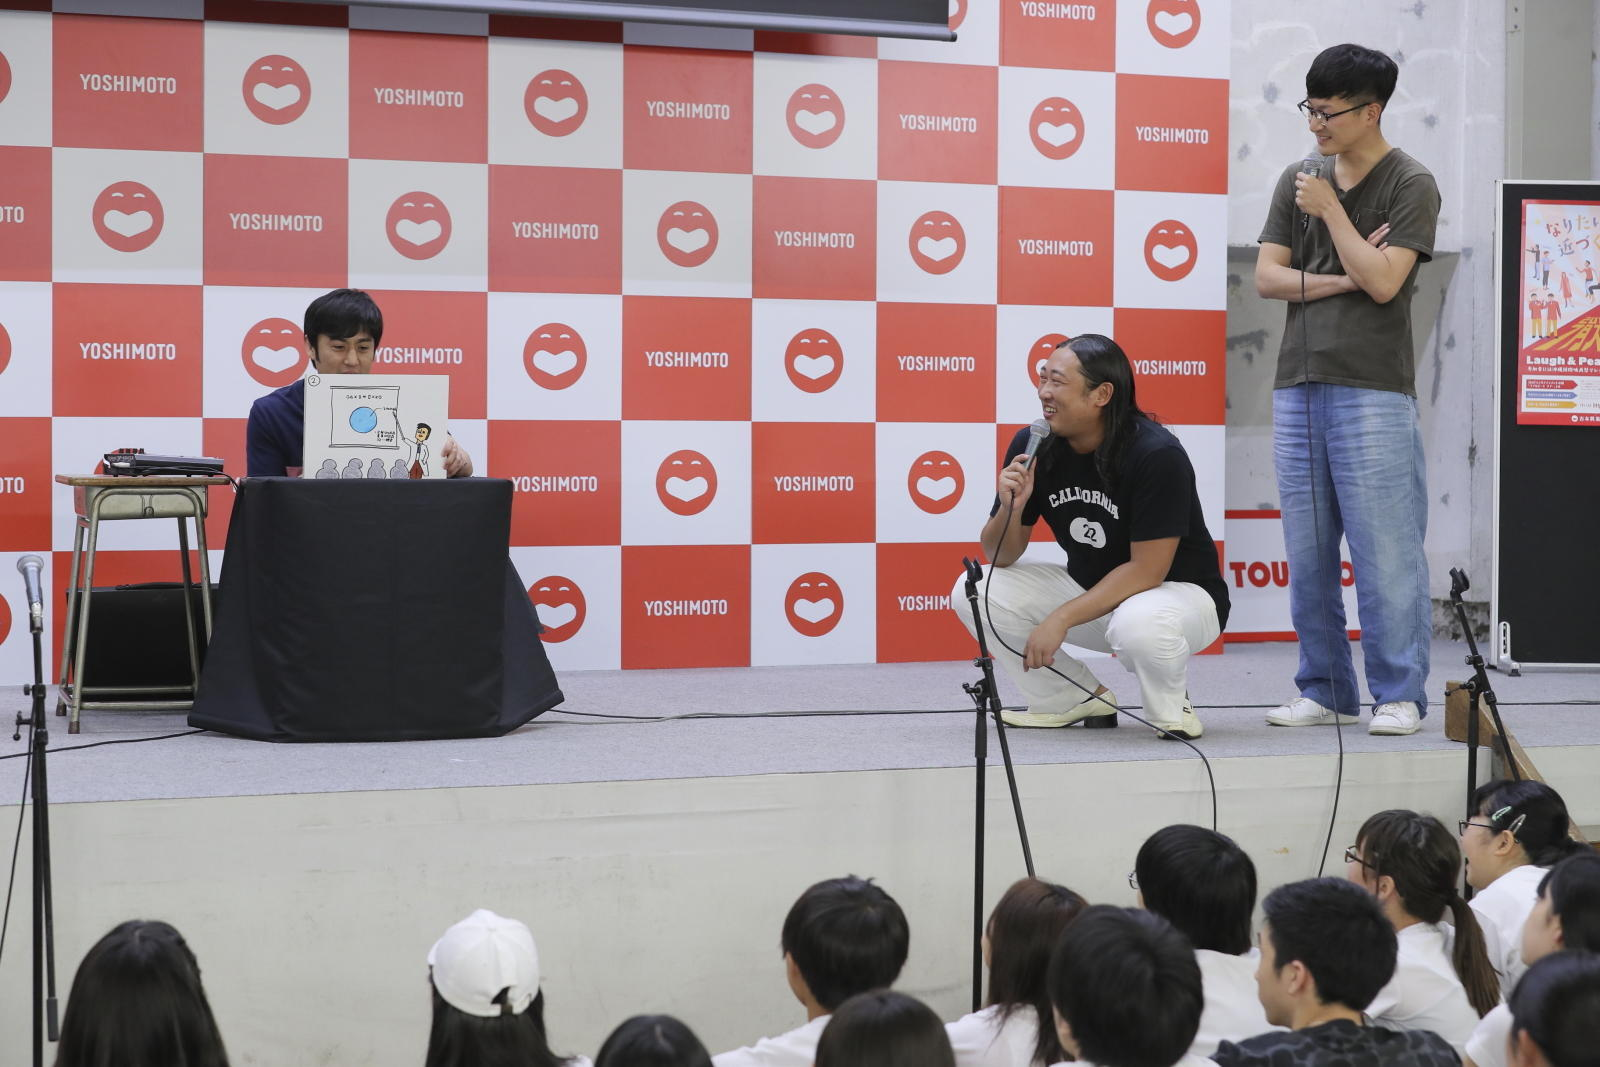 http://news.yoshimoto.co.jp/20170730173837-cf07bca27bb3d5d252317919aa1d476a8fee456b.jpg